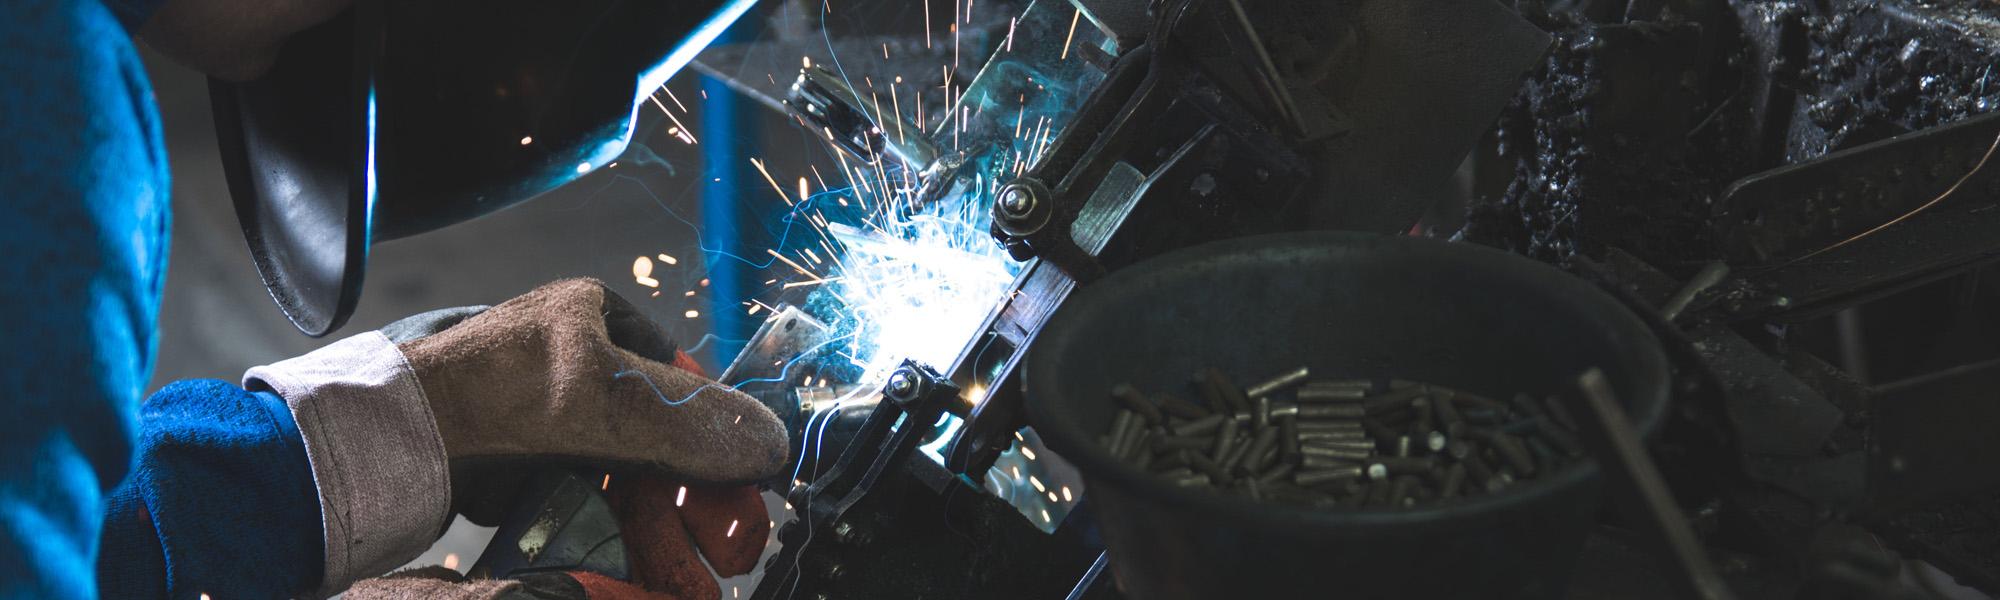 Steel Project Worker